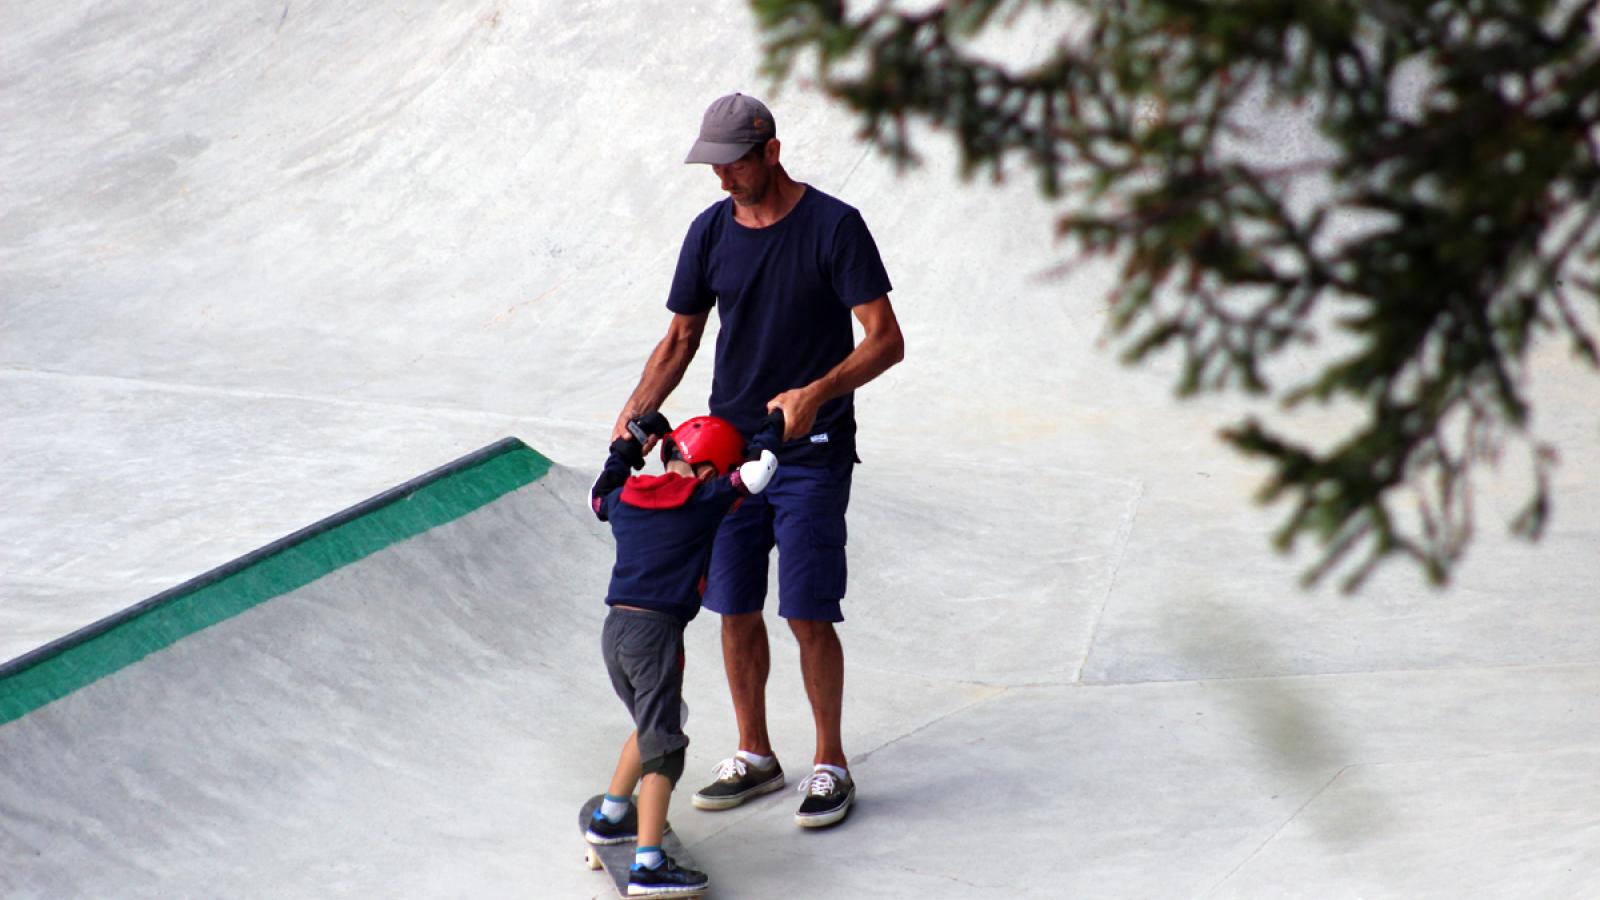 Chamrousse Melting-sports festival - skate